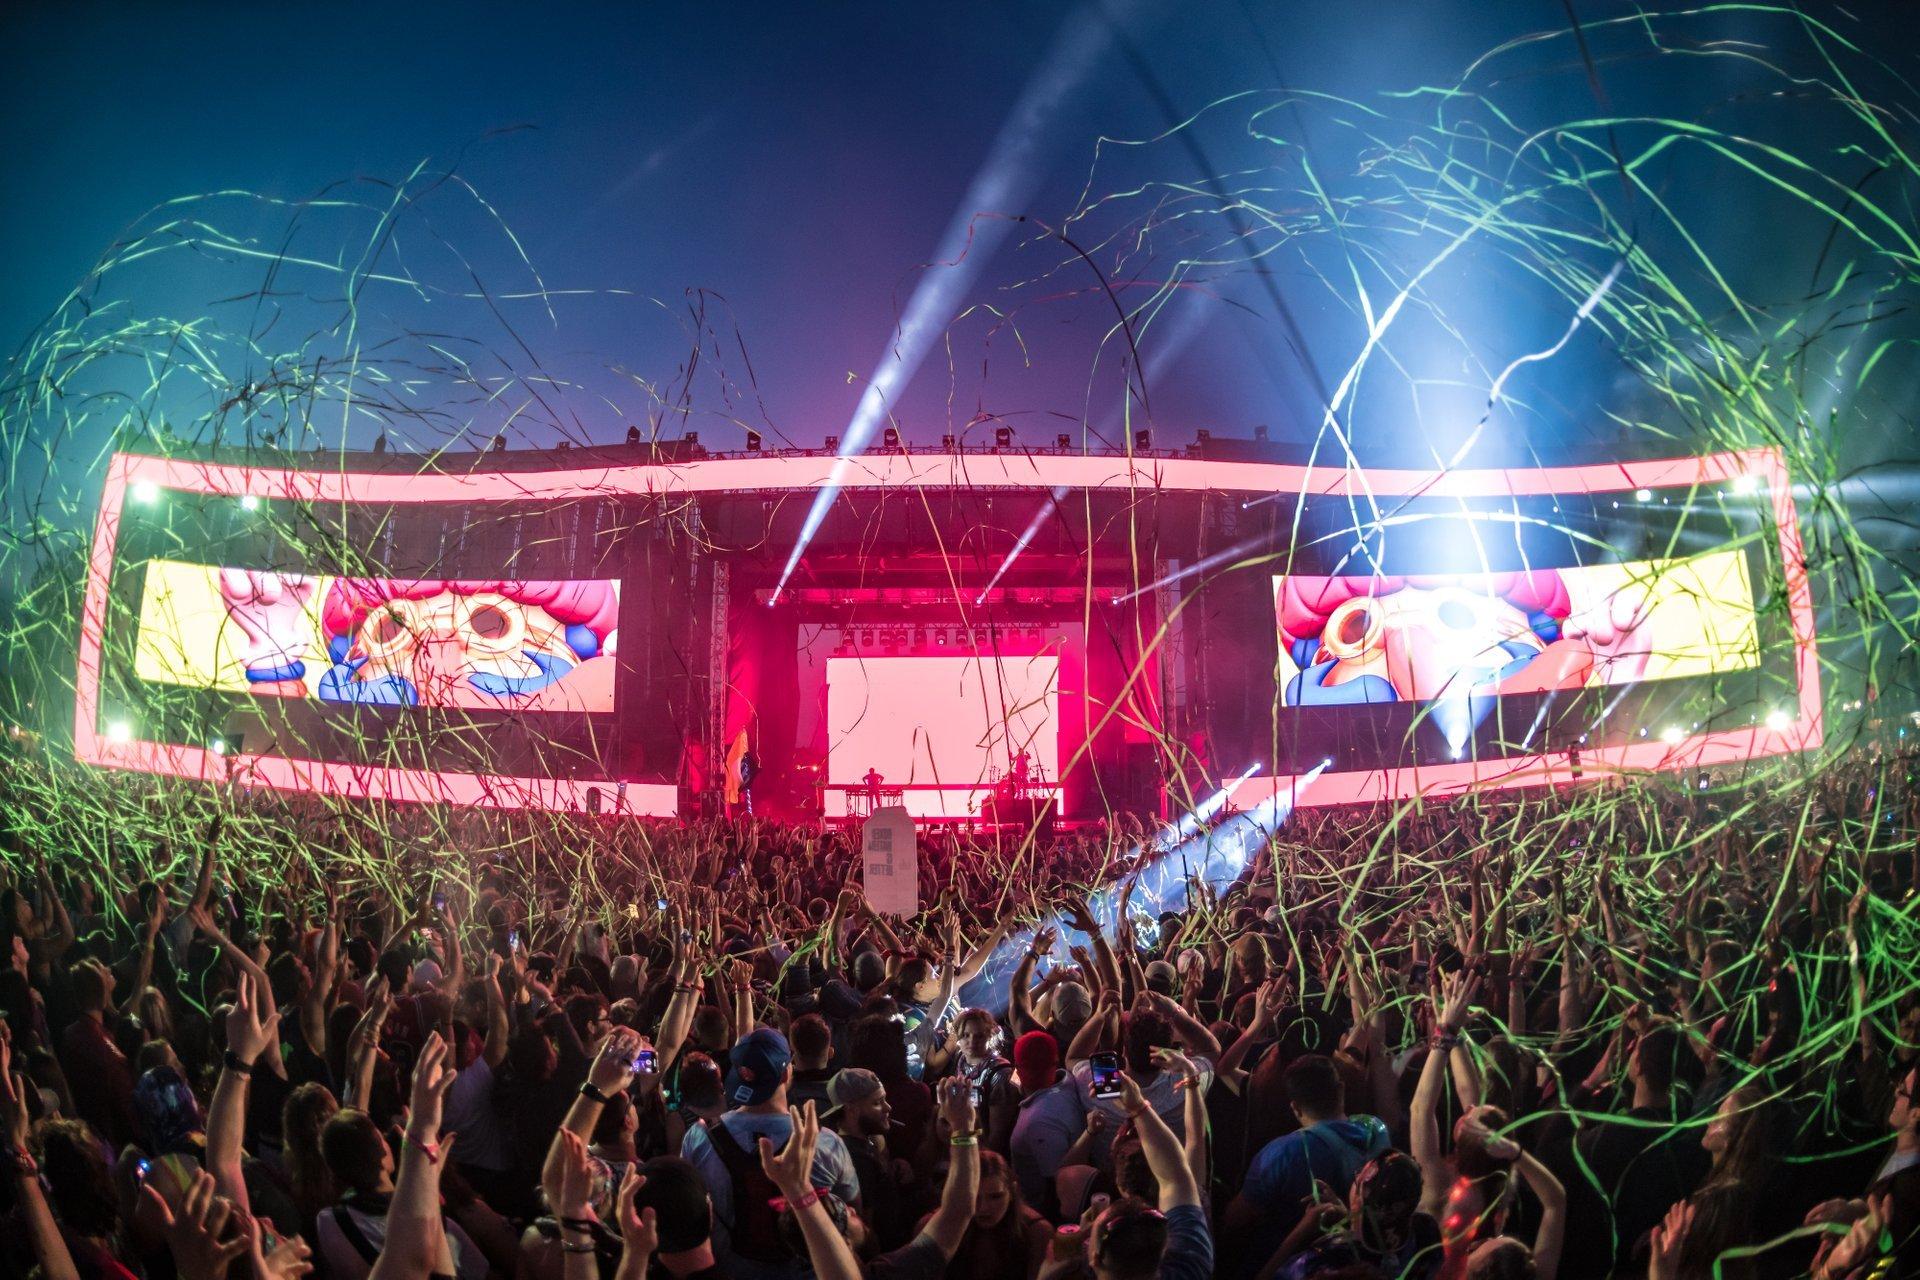 Best time for Spring Awakening Music Festival in Chicago 2020